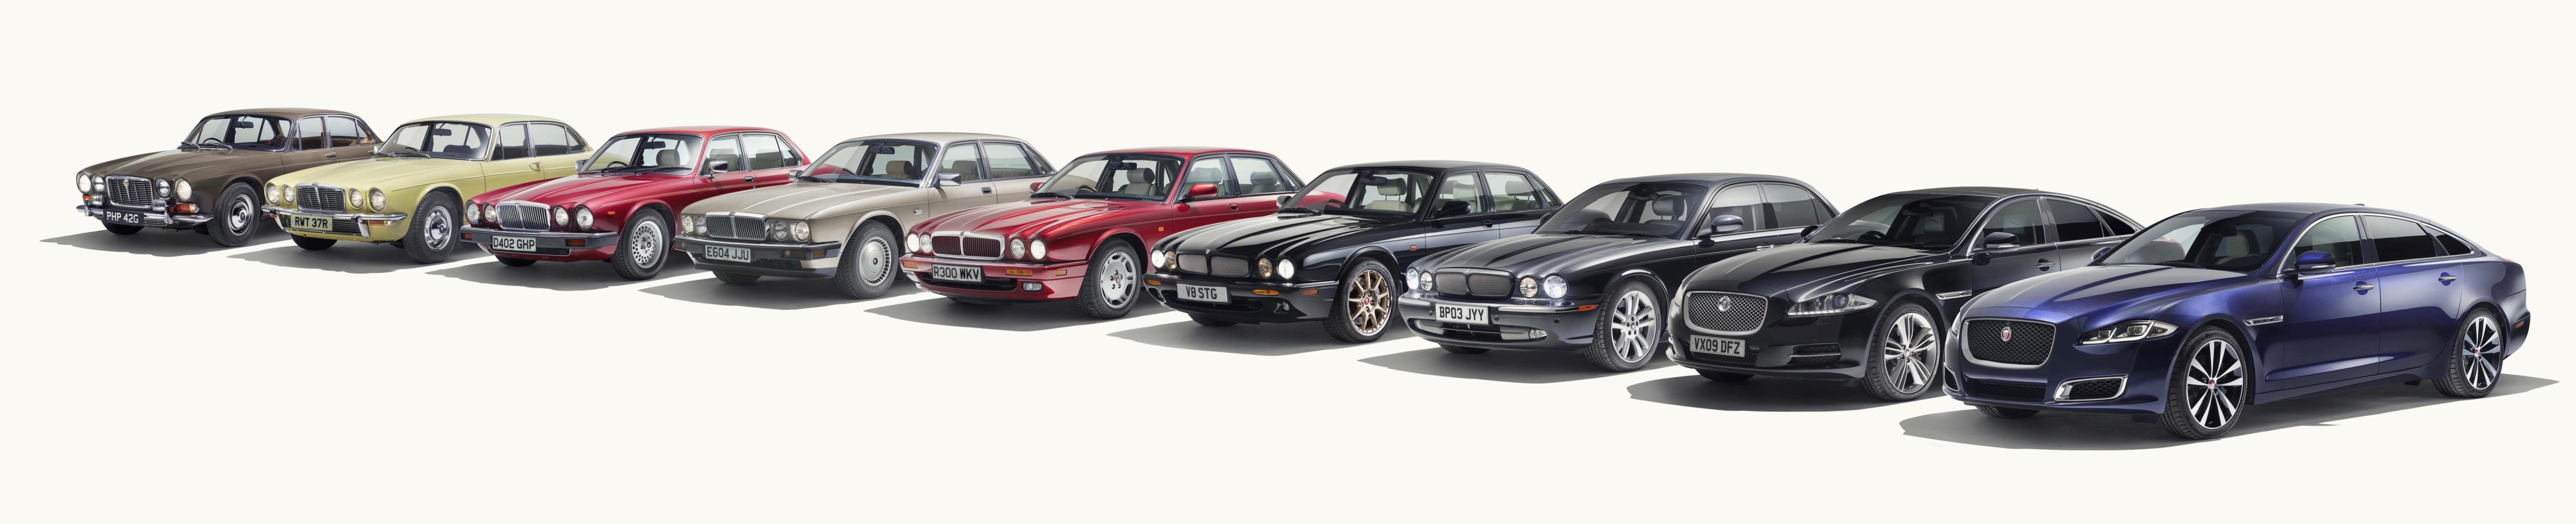 Paris, Jaguar XJ convoy heads to Paris, ClassicCars.com Journal